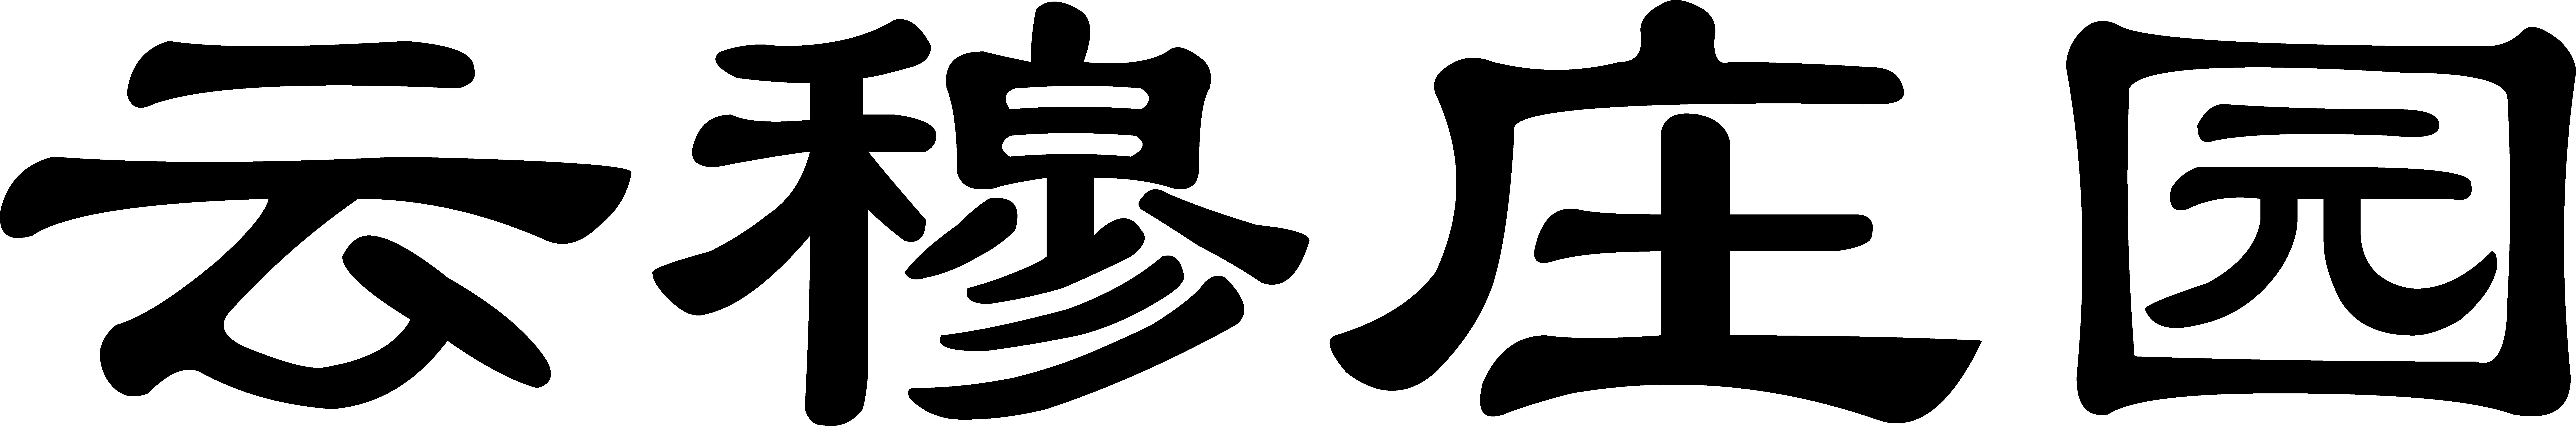 烟台滨海明珠葡萄酿酒有限公司